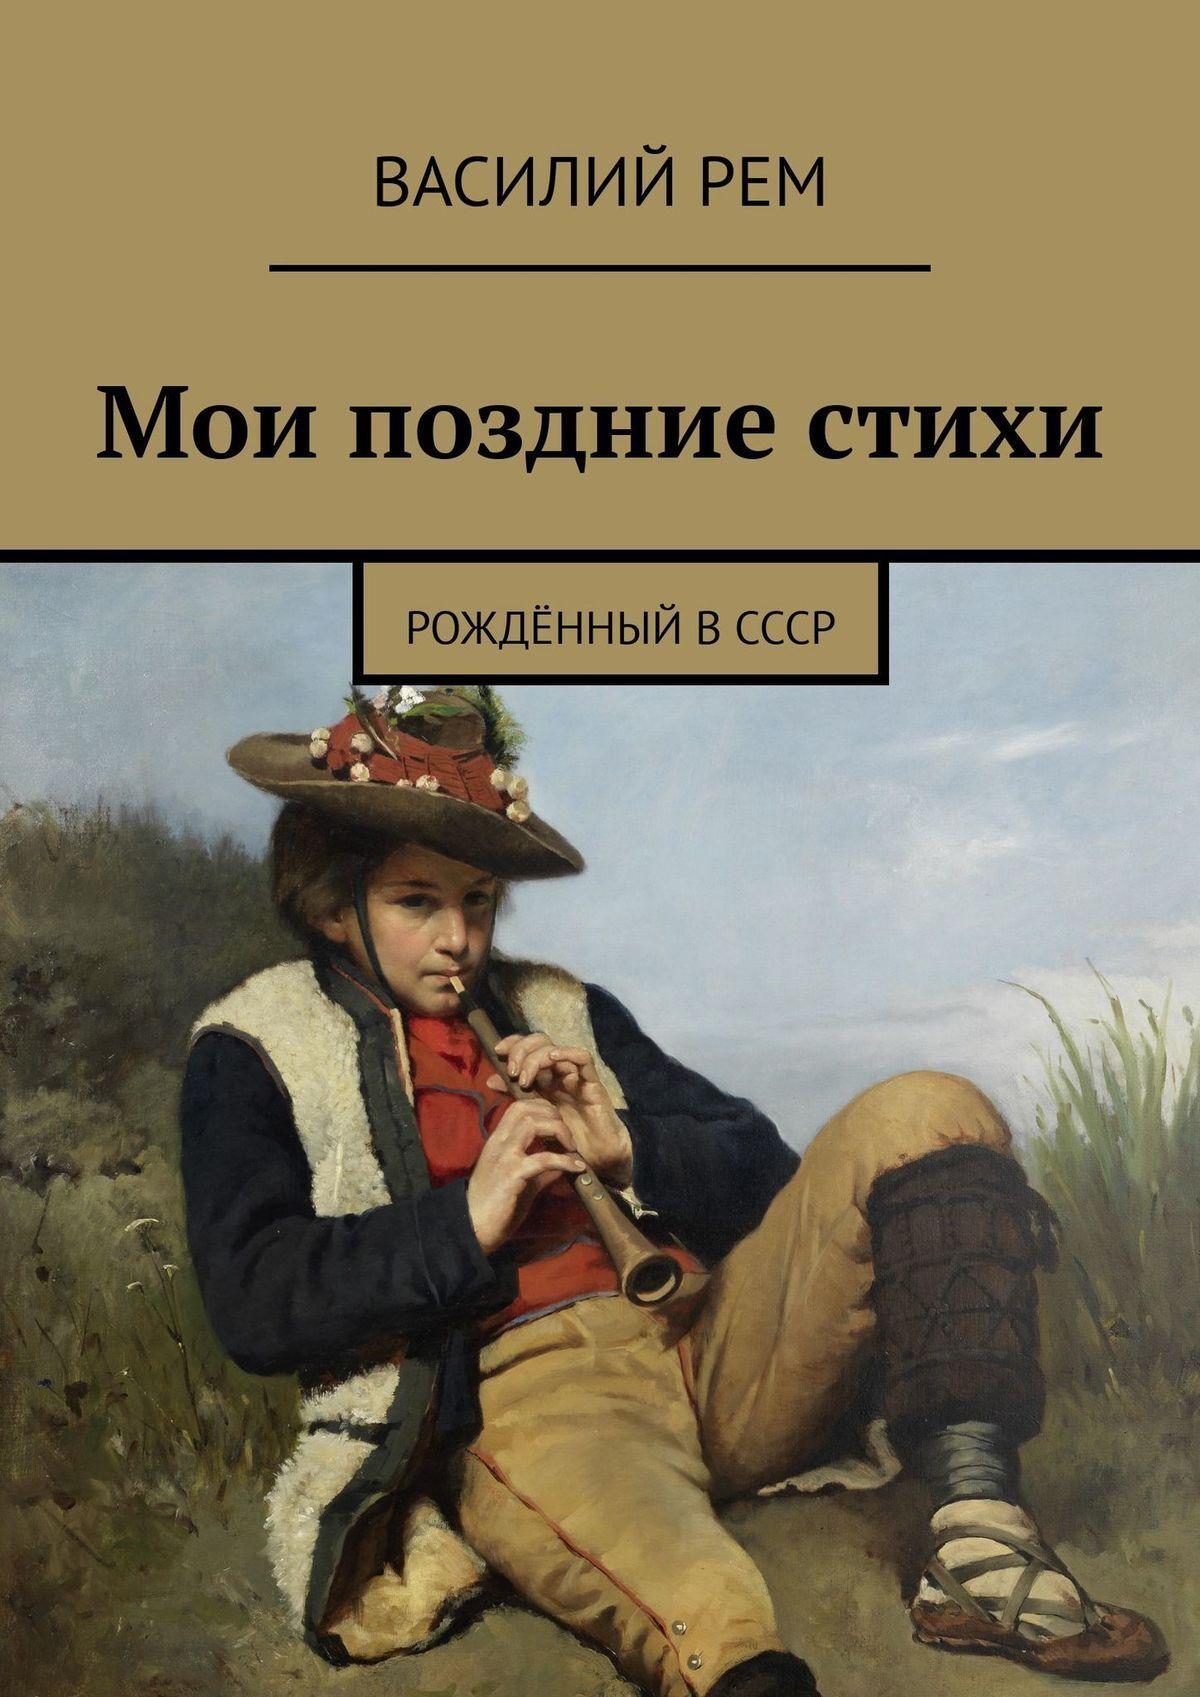 Василий Рем Мои поздние стихи. Рождённый вСССР